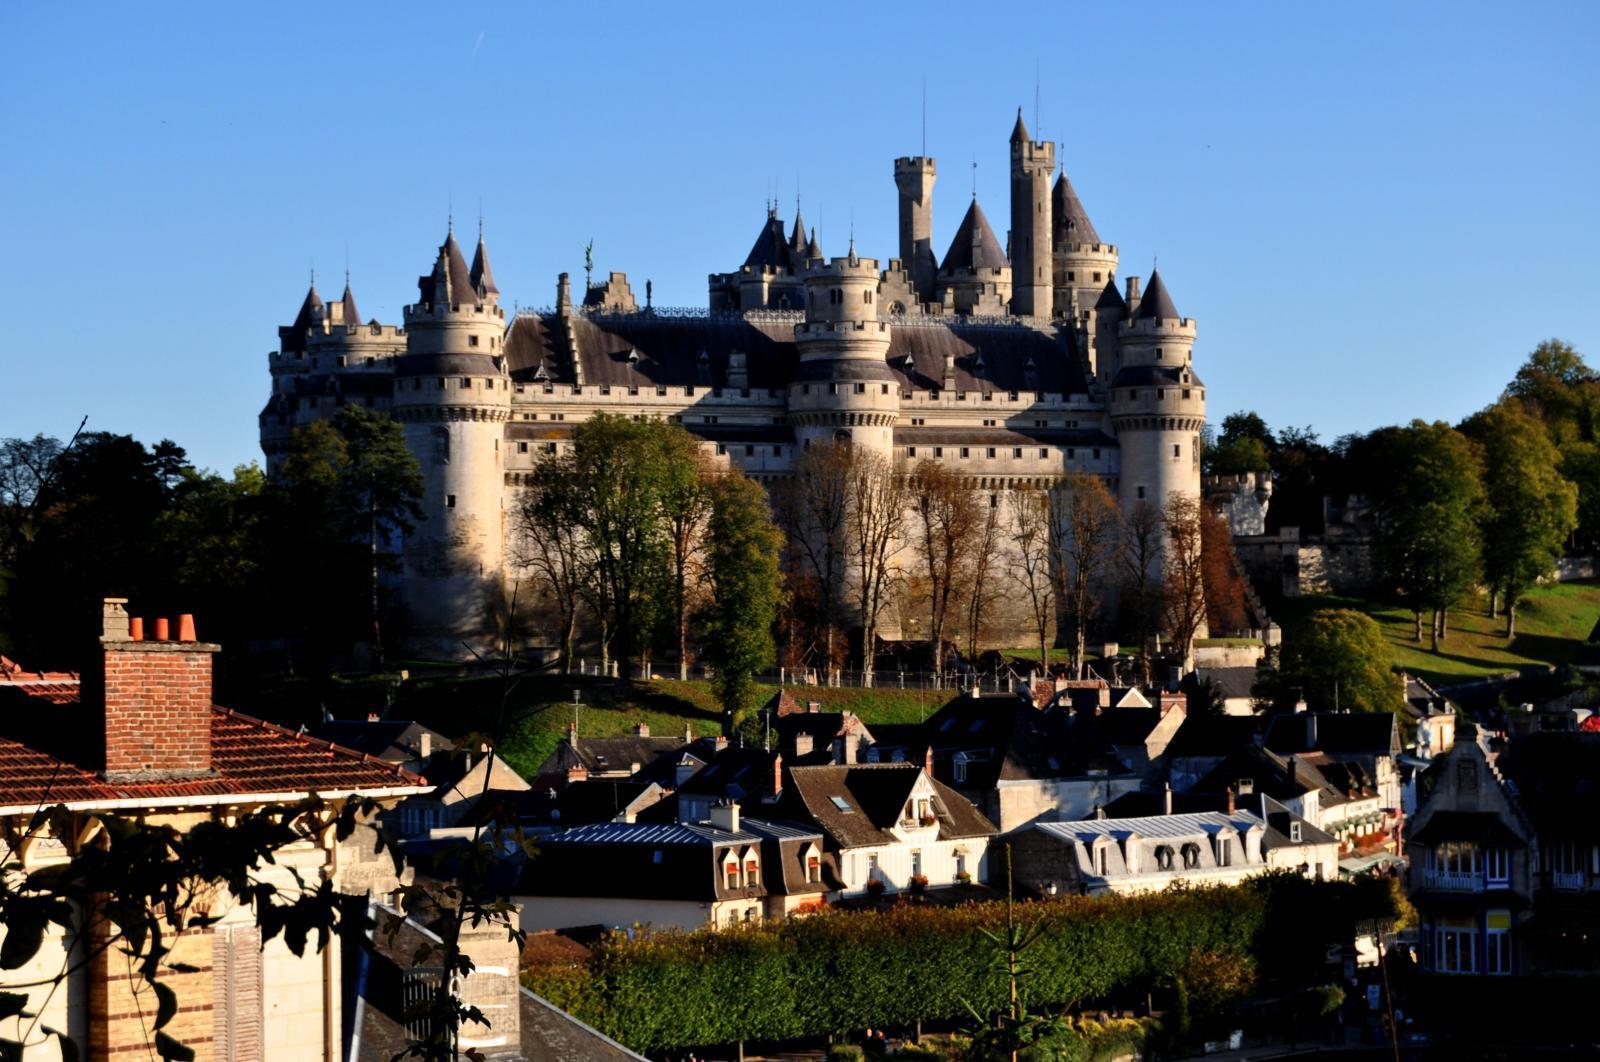 Chateau de Pierredonds